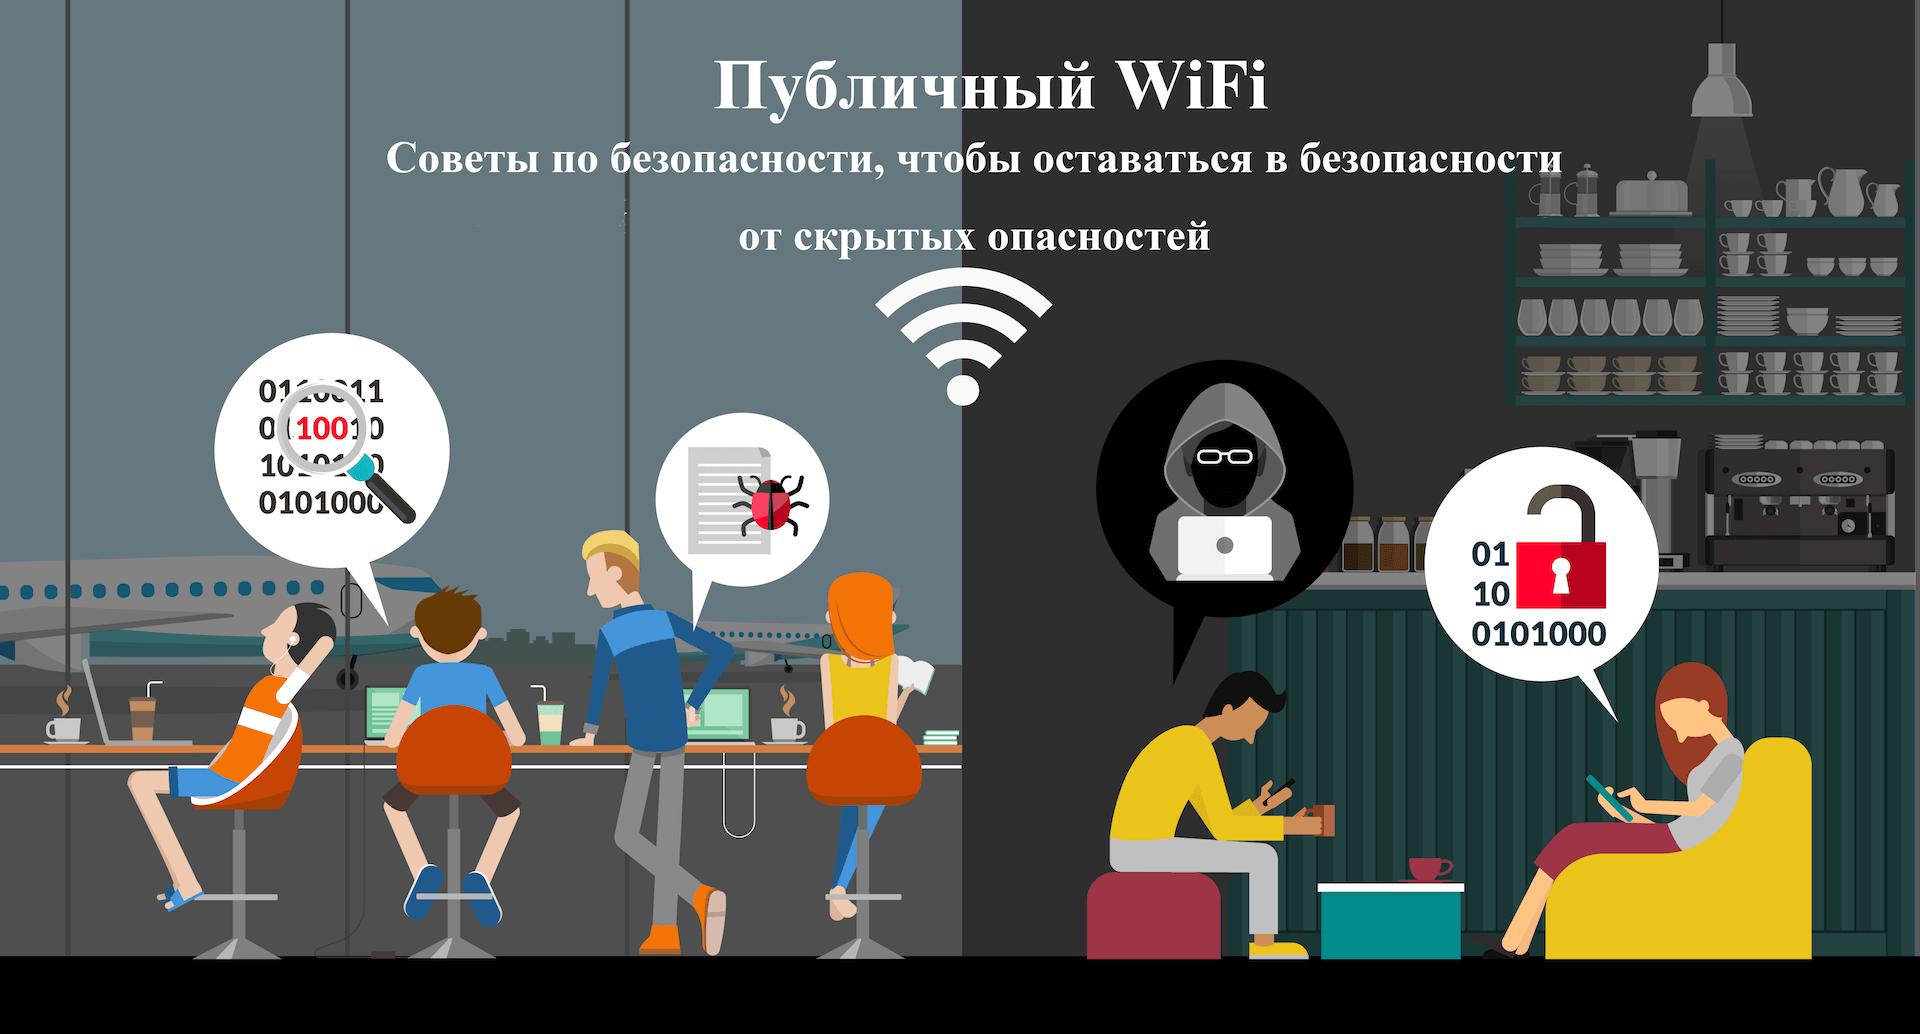 Публичный Wi-Fi и безопасность